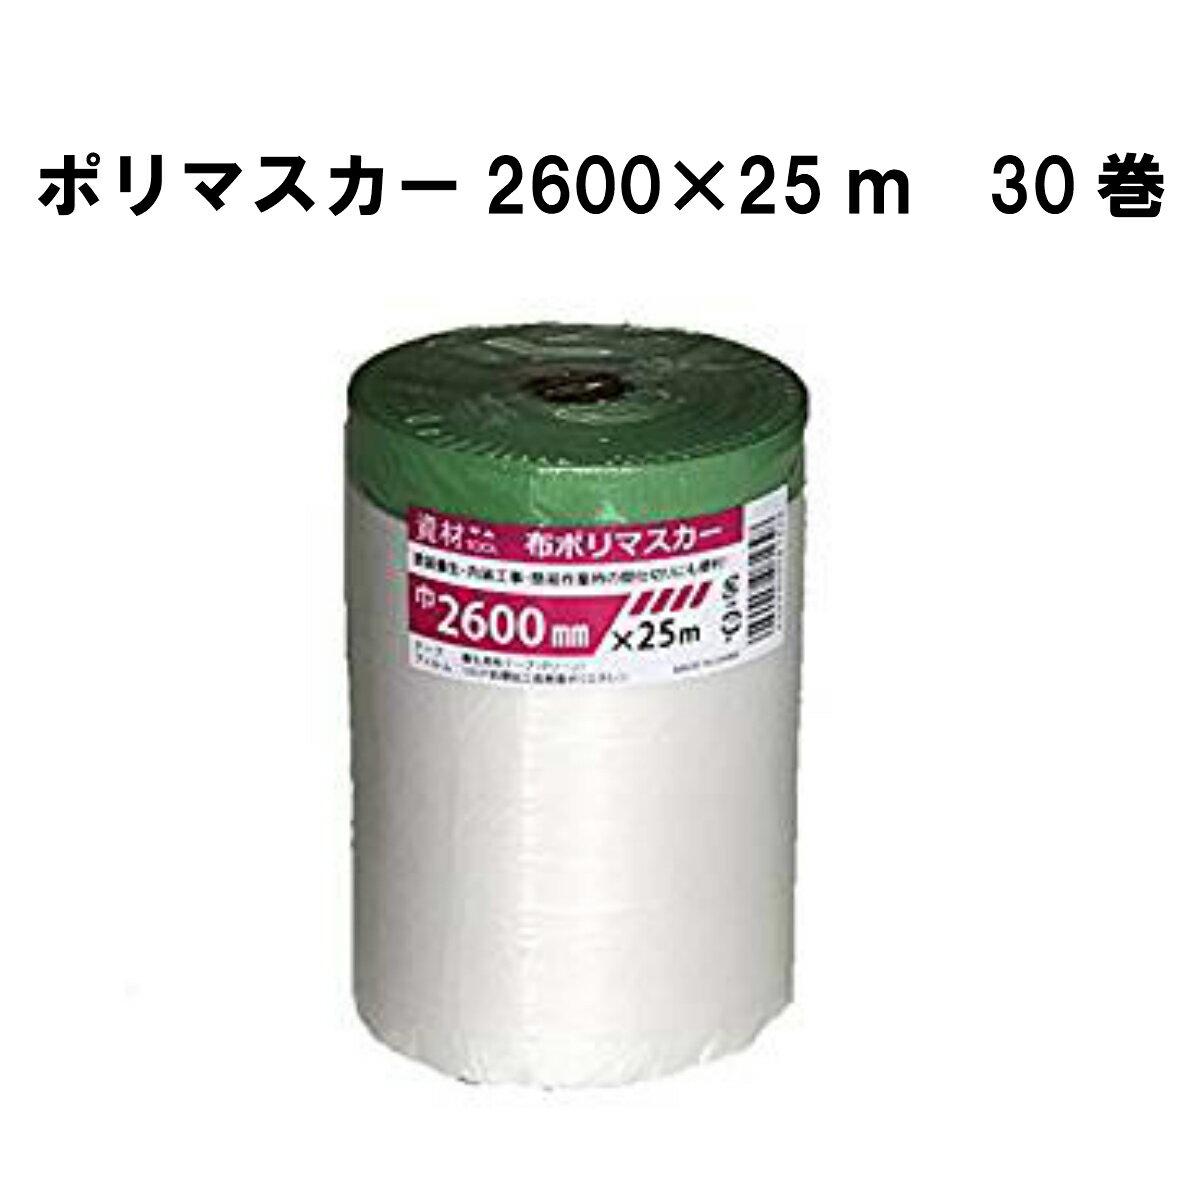 布ポリマスカー 2600mm×25m 30巻 布マスカー 養生マスカー マスカーテープ